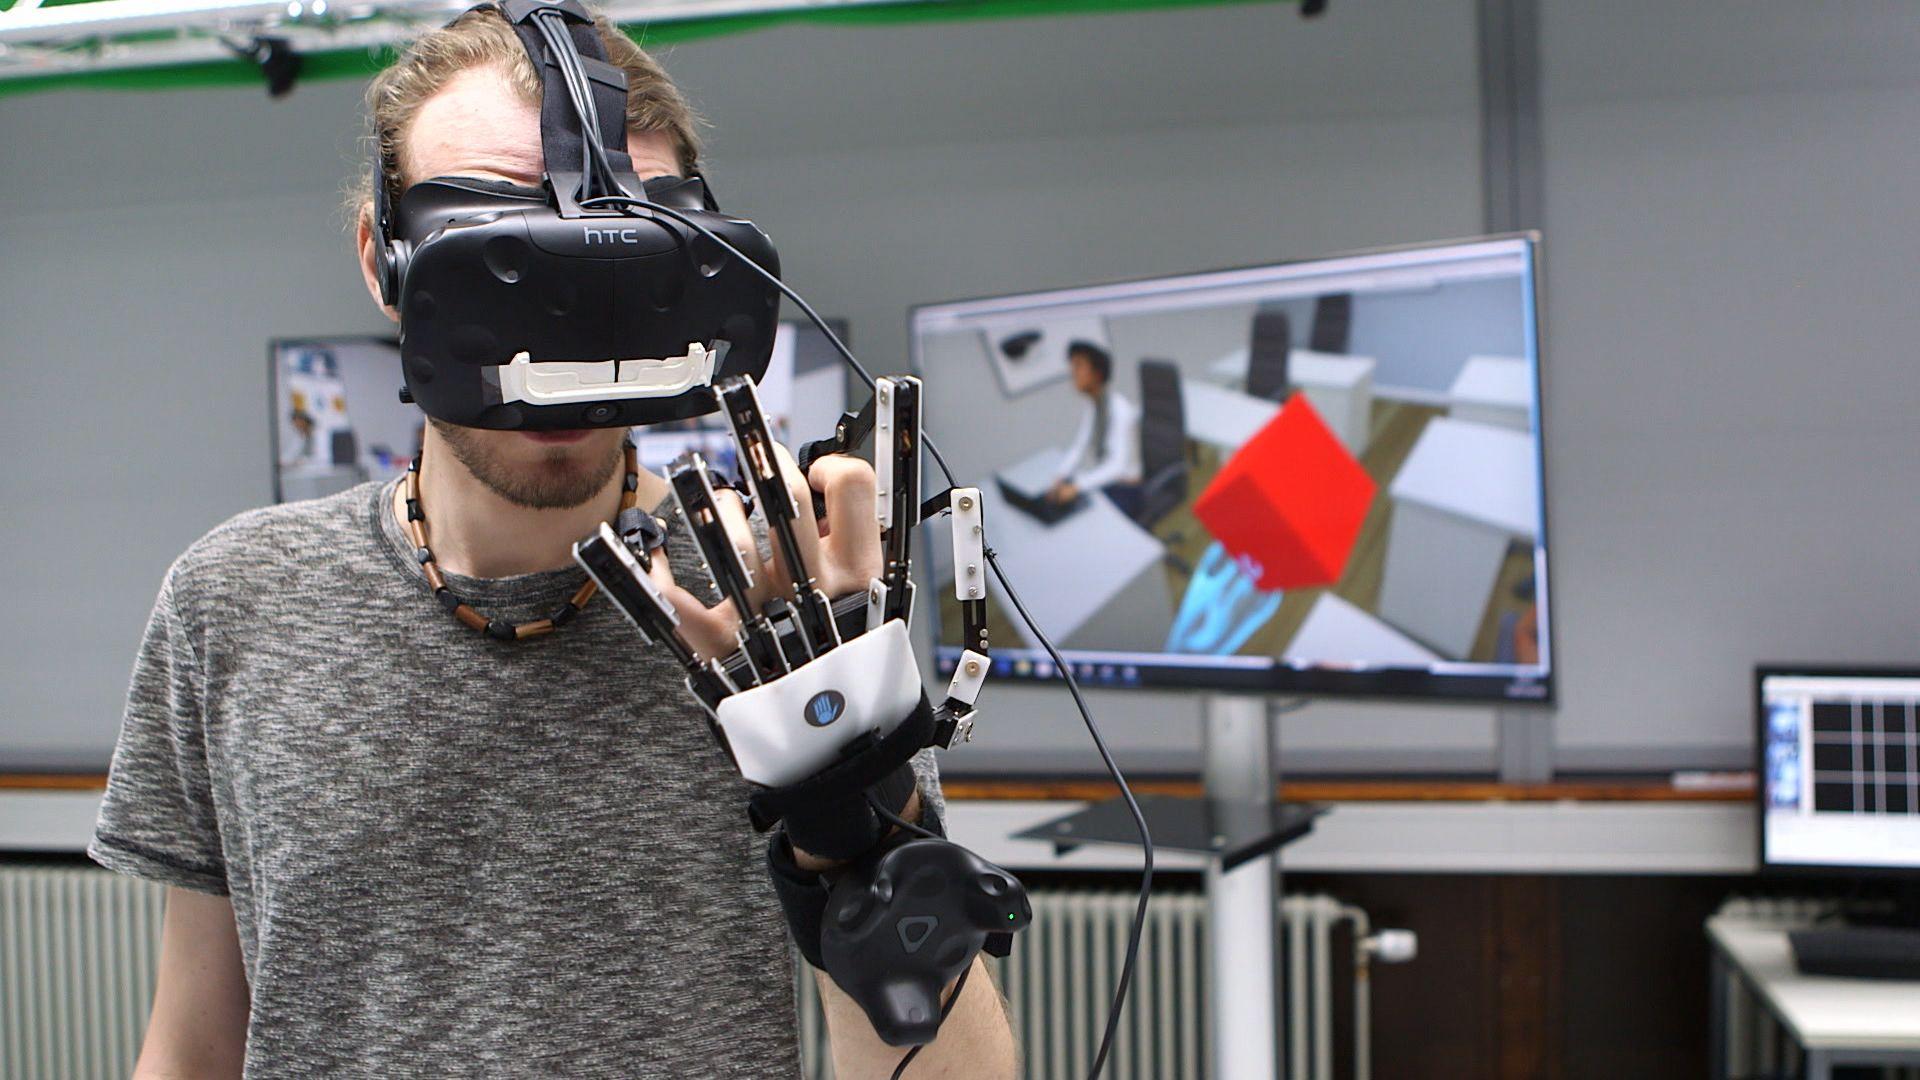 Virtuelle Welten: Medizin mit VR-Brille